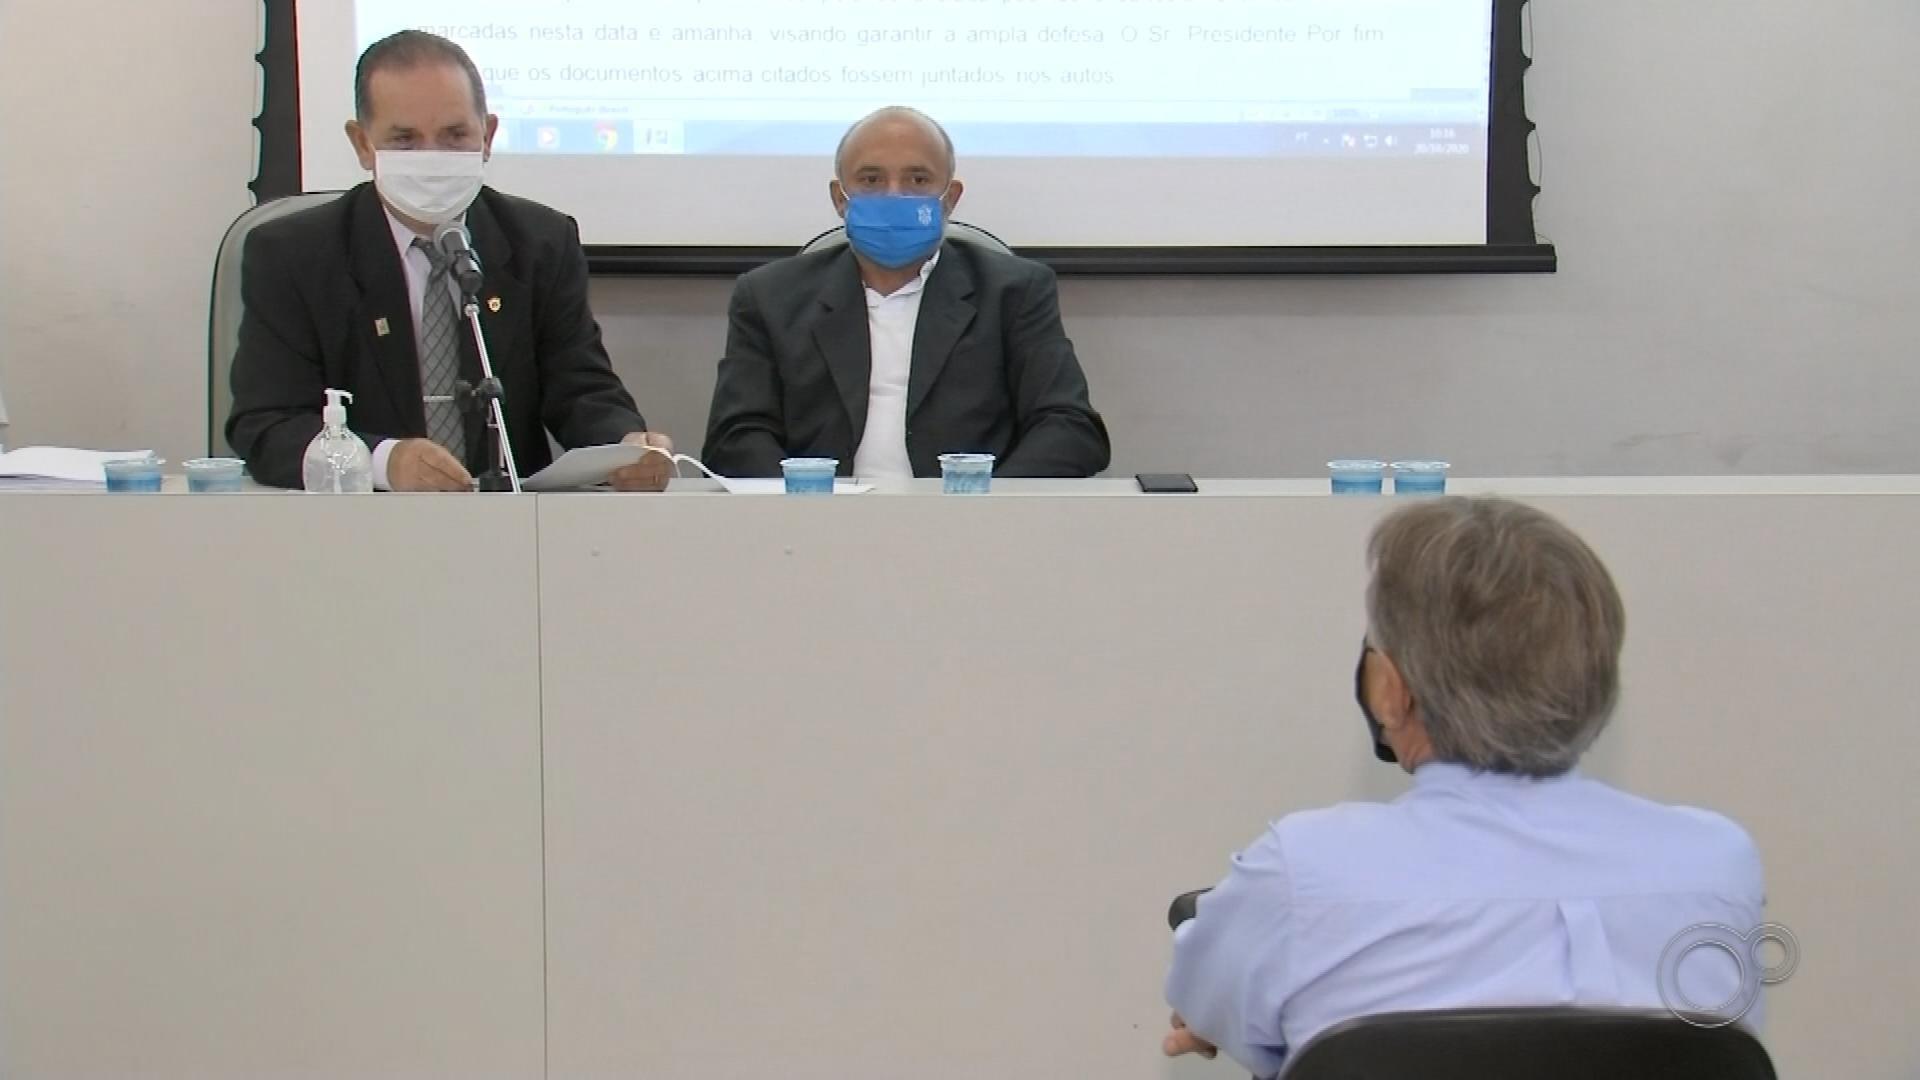 VÍDEOS: Bom Dia Cidade Bauru e Marília desta segunda-feira, 26 de outubro